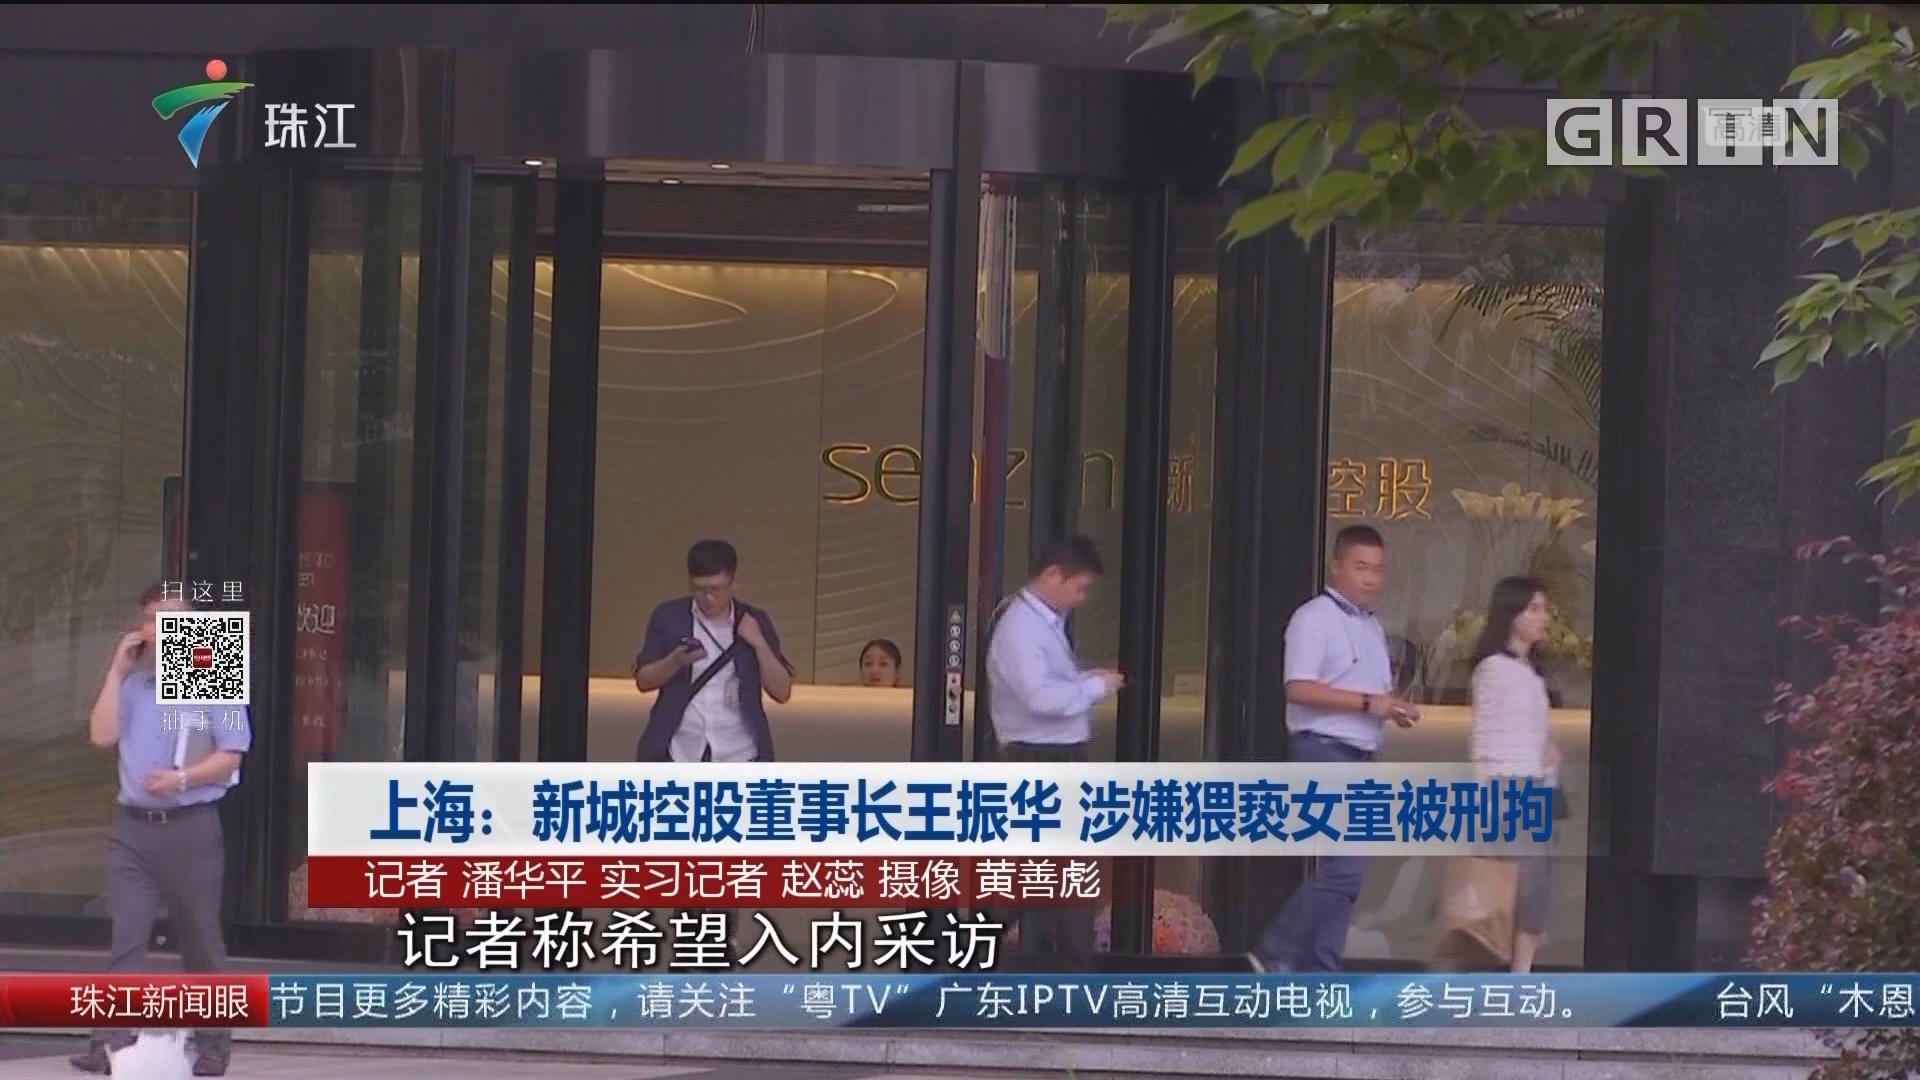 上海:新城控股董事長王振華 涉嫌猥褻女童被刑拘